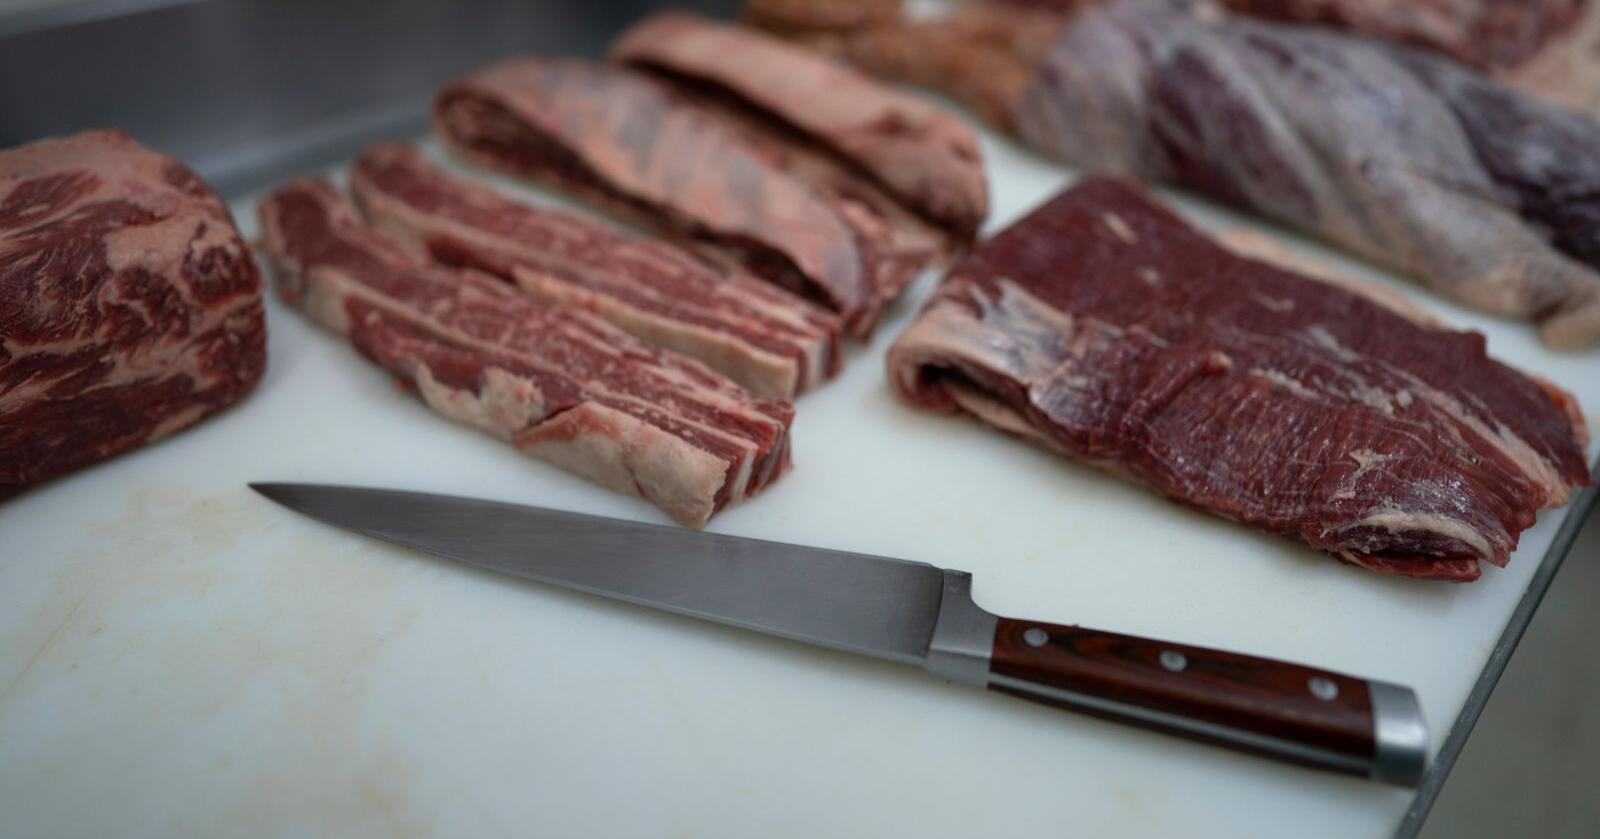 Ordførerens beslutning om å kutte kjøtt fra menyen i skolenes kantiner i Lyon er en fornærmelse mot franske bønder og slaktere, mener Frankrikes innenriksminister Gérald Darmanin. Foto: AP / NTB